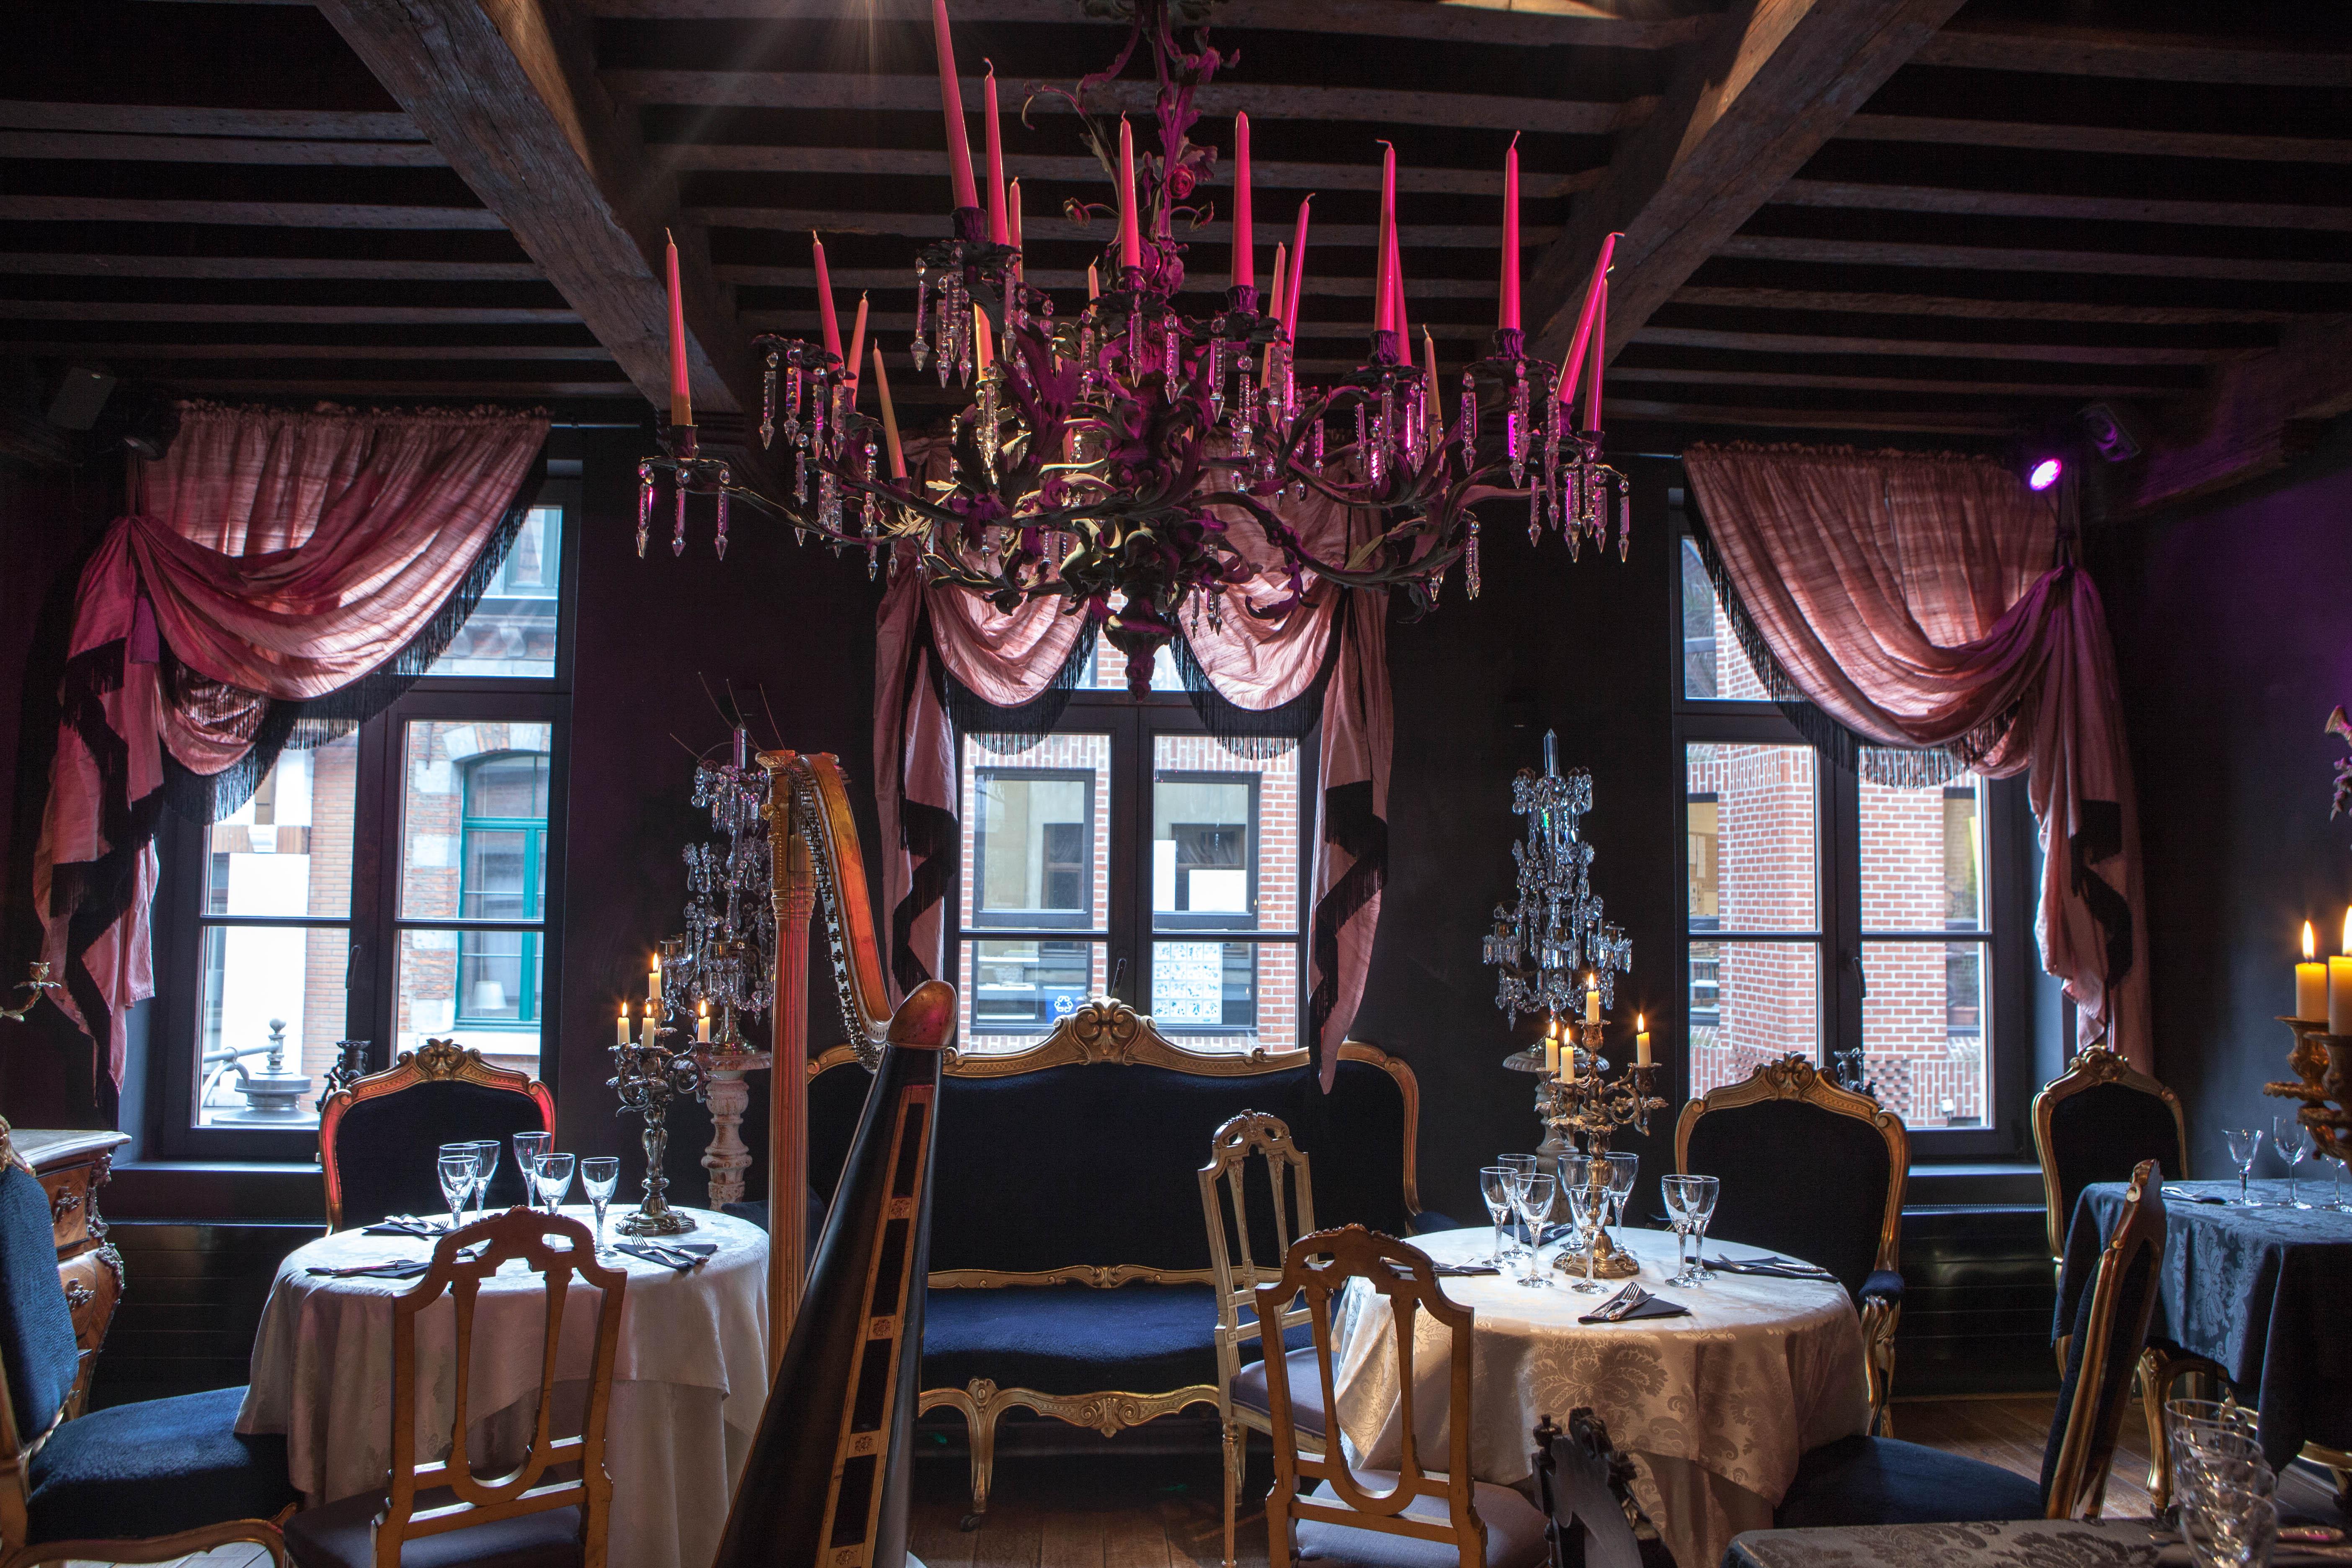 Restaurants romantiques mons - Salon de toilettage hainaut ...